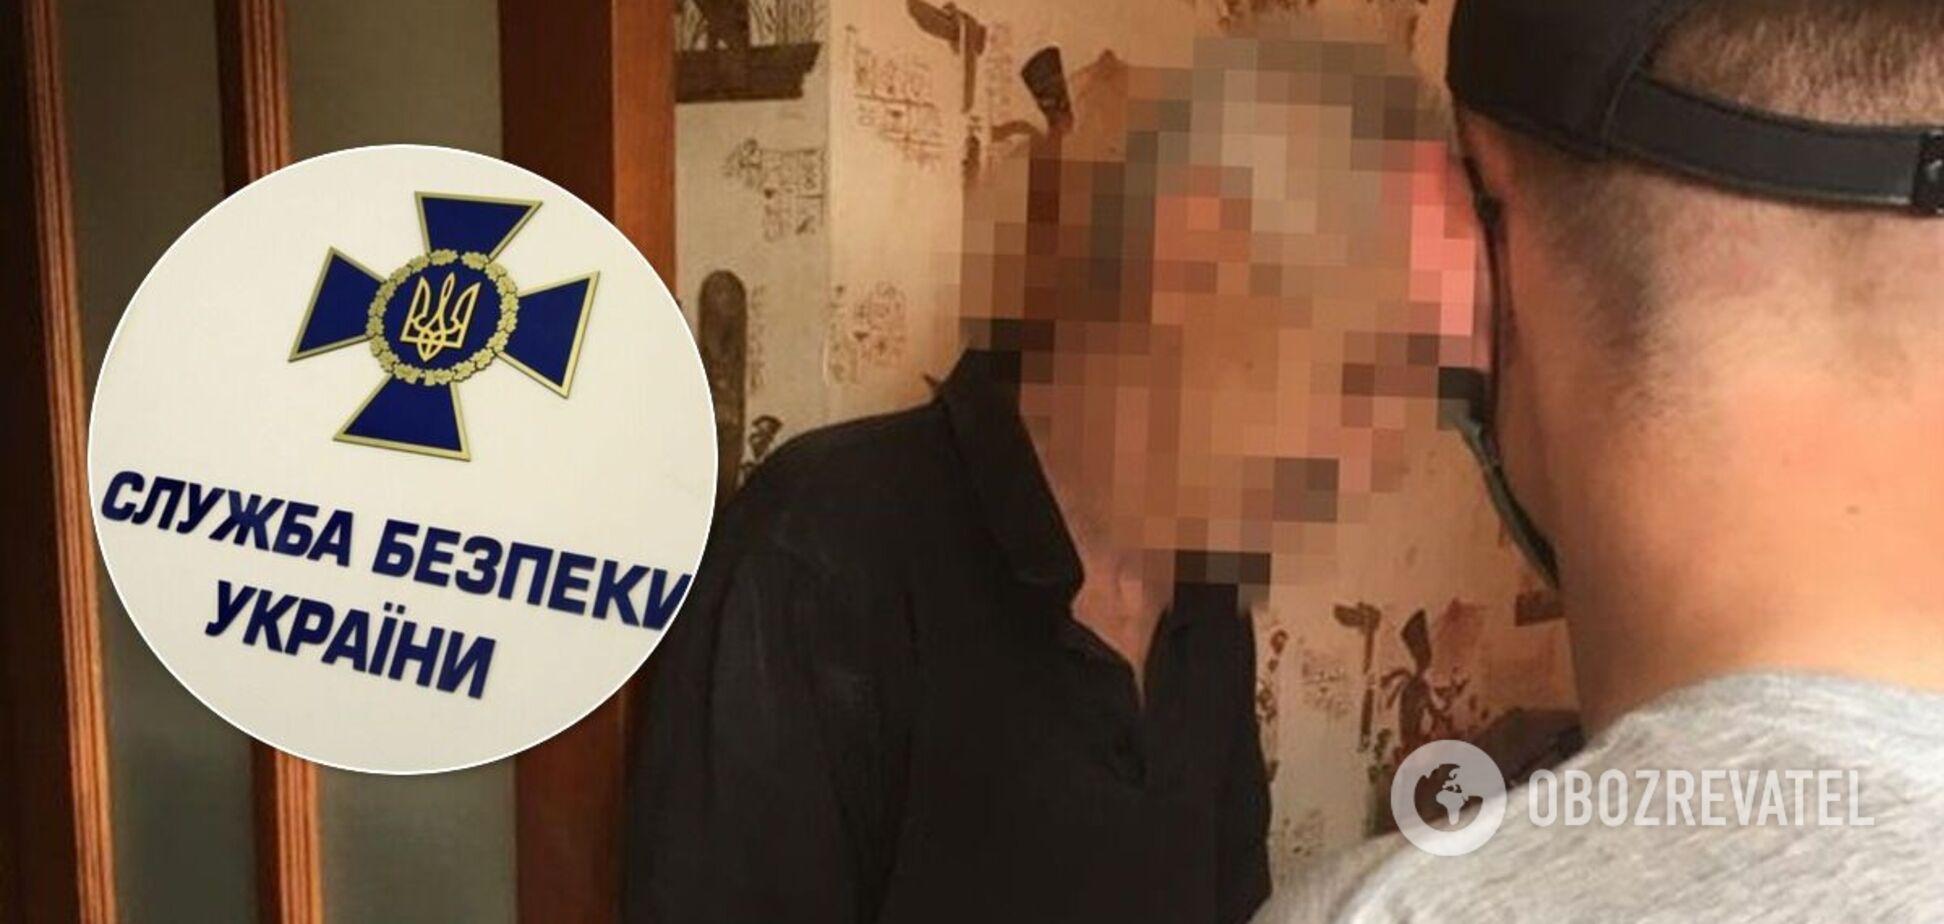 Затримано терориста, який захоплював будівлю СБУ в Луганську. Фото